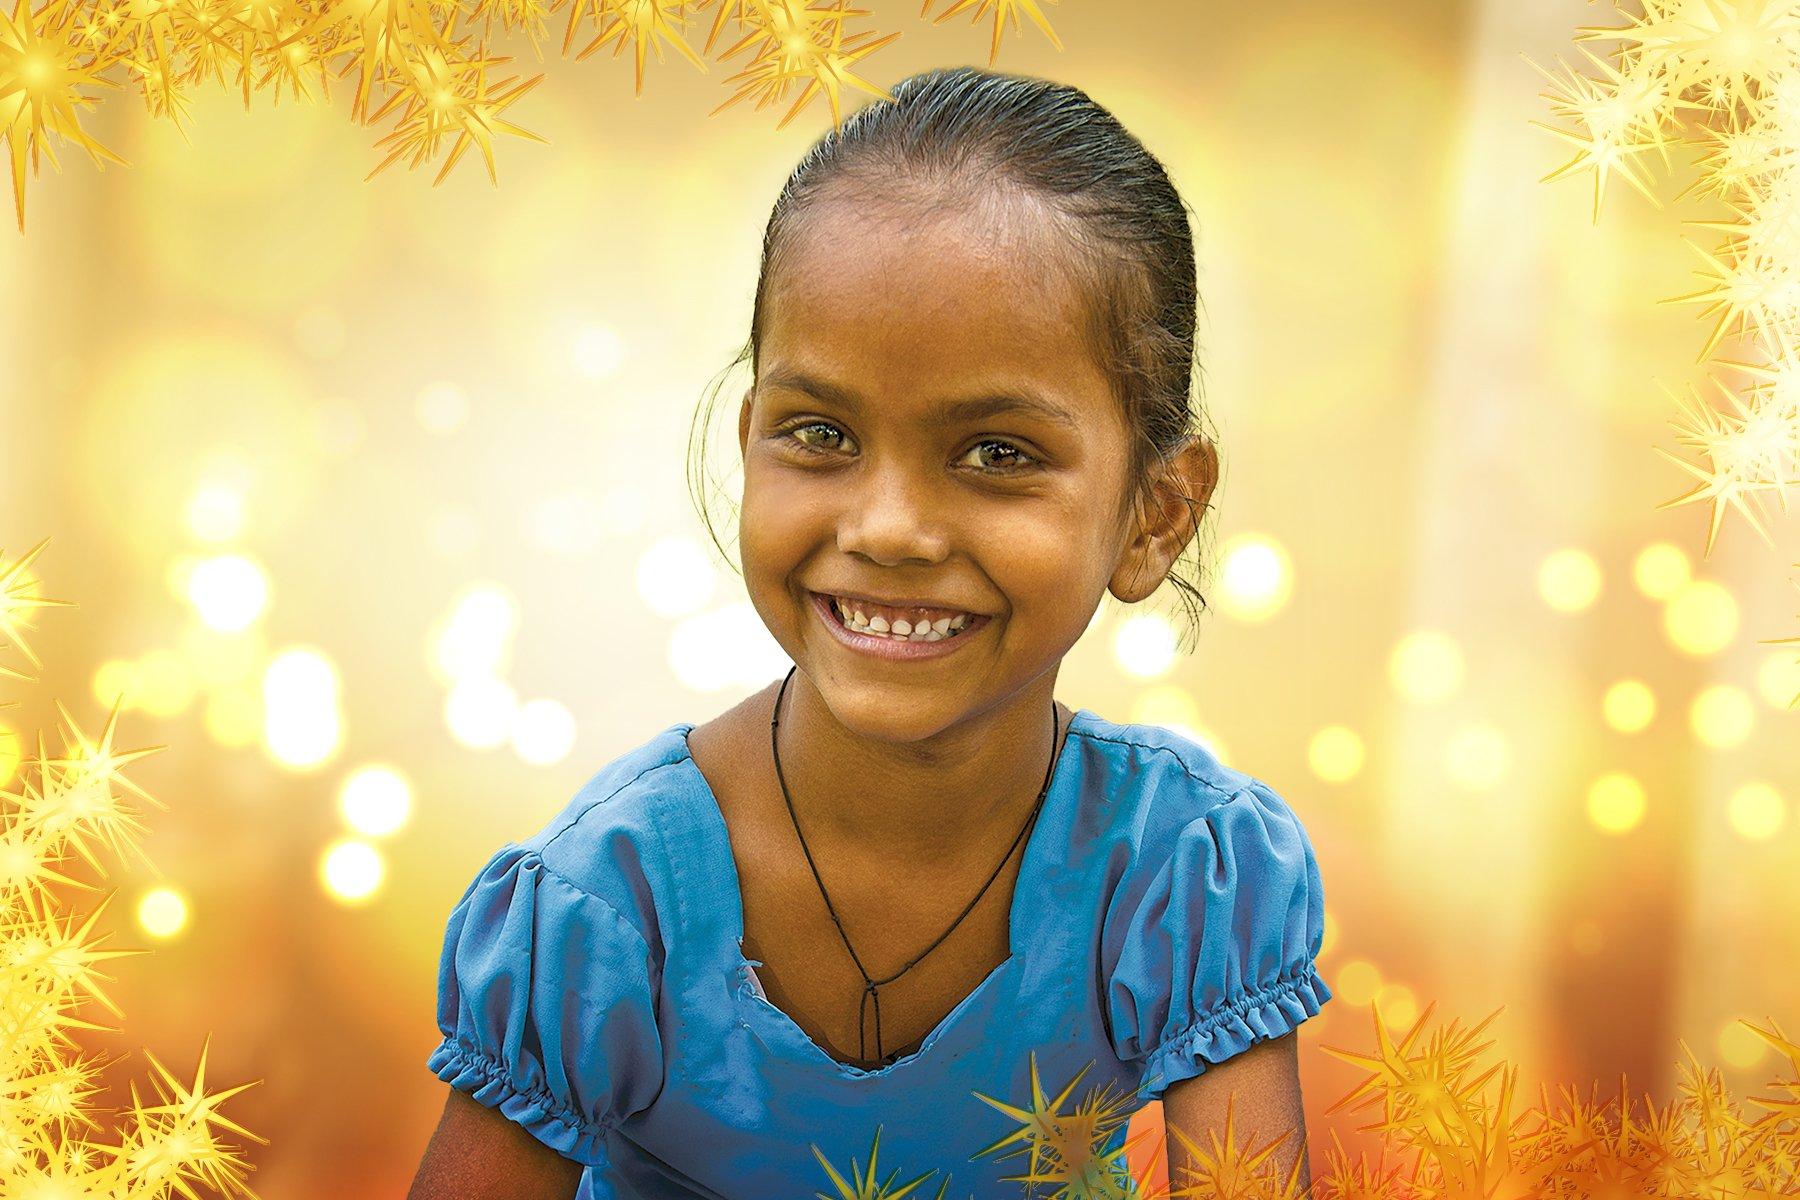 23-21-girl-smiling.jpg